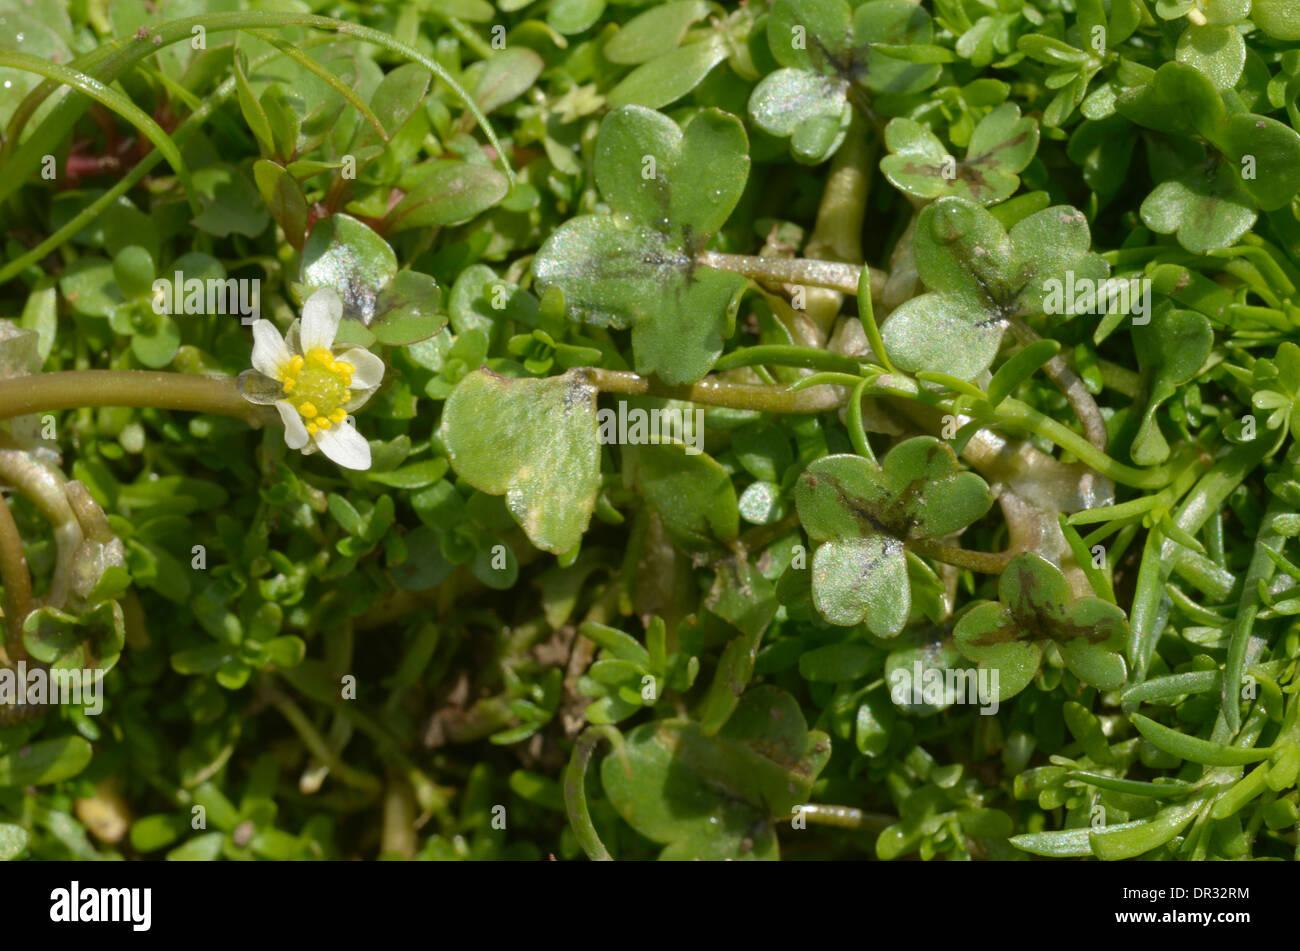 Ivy-leaved Crowfoot, Ranunculus hederaceus - Stock Image